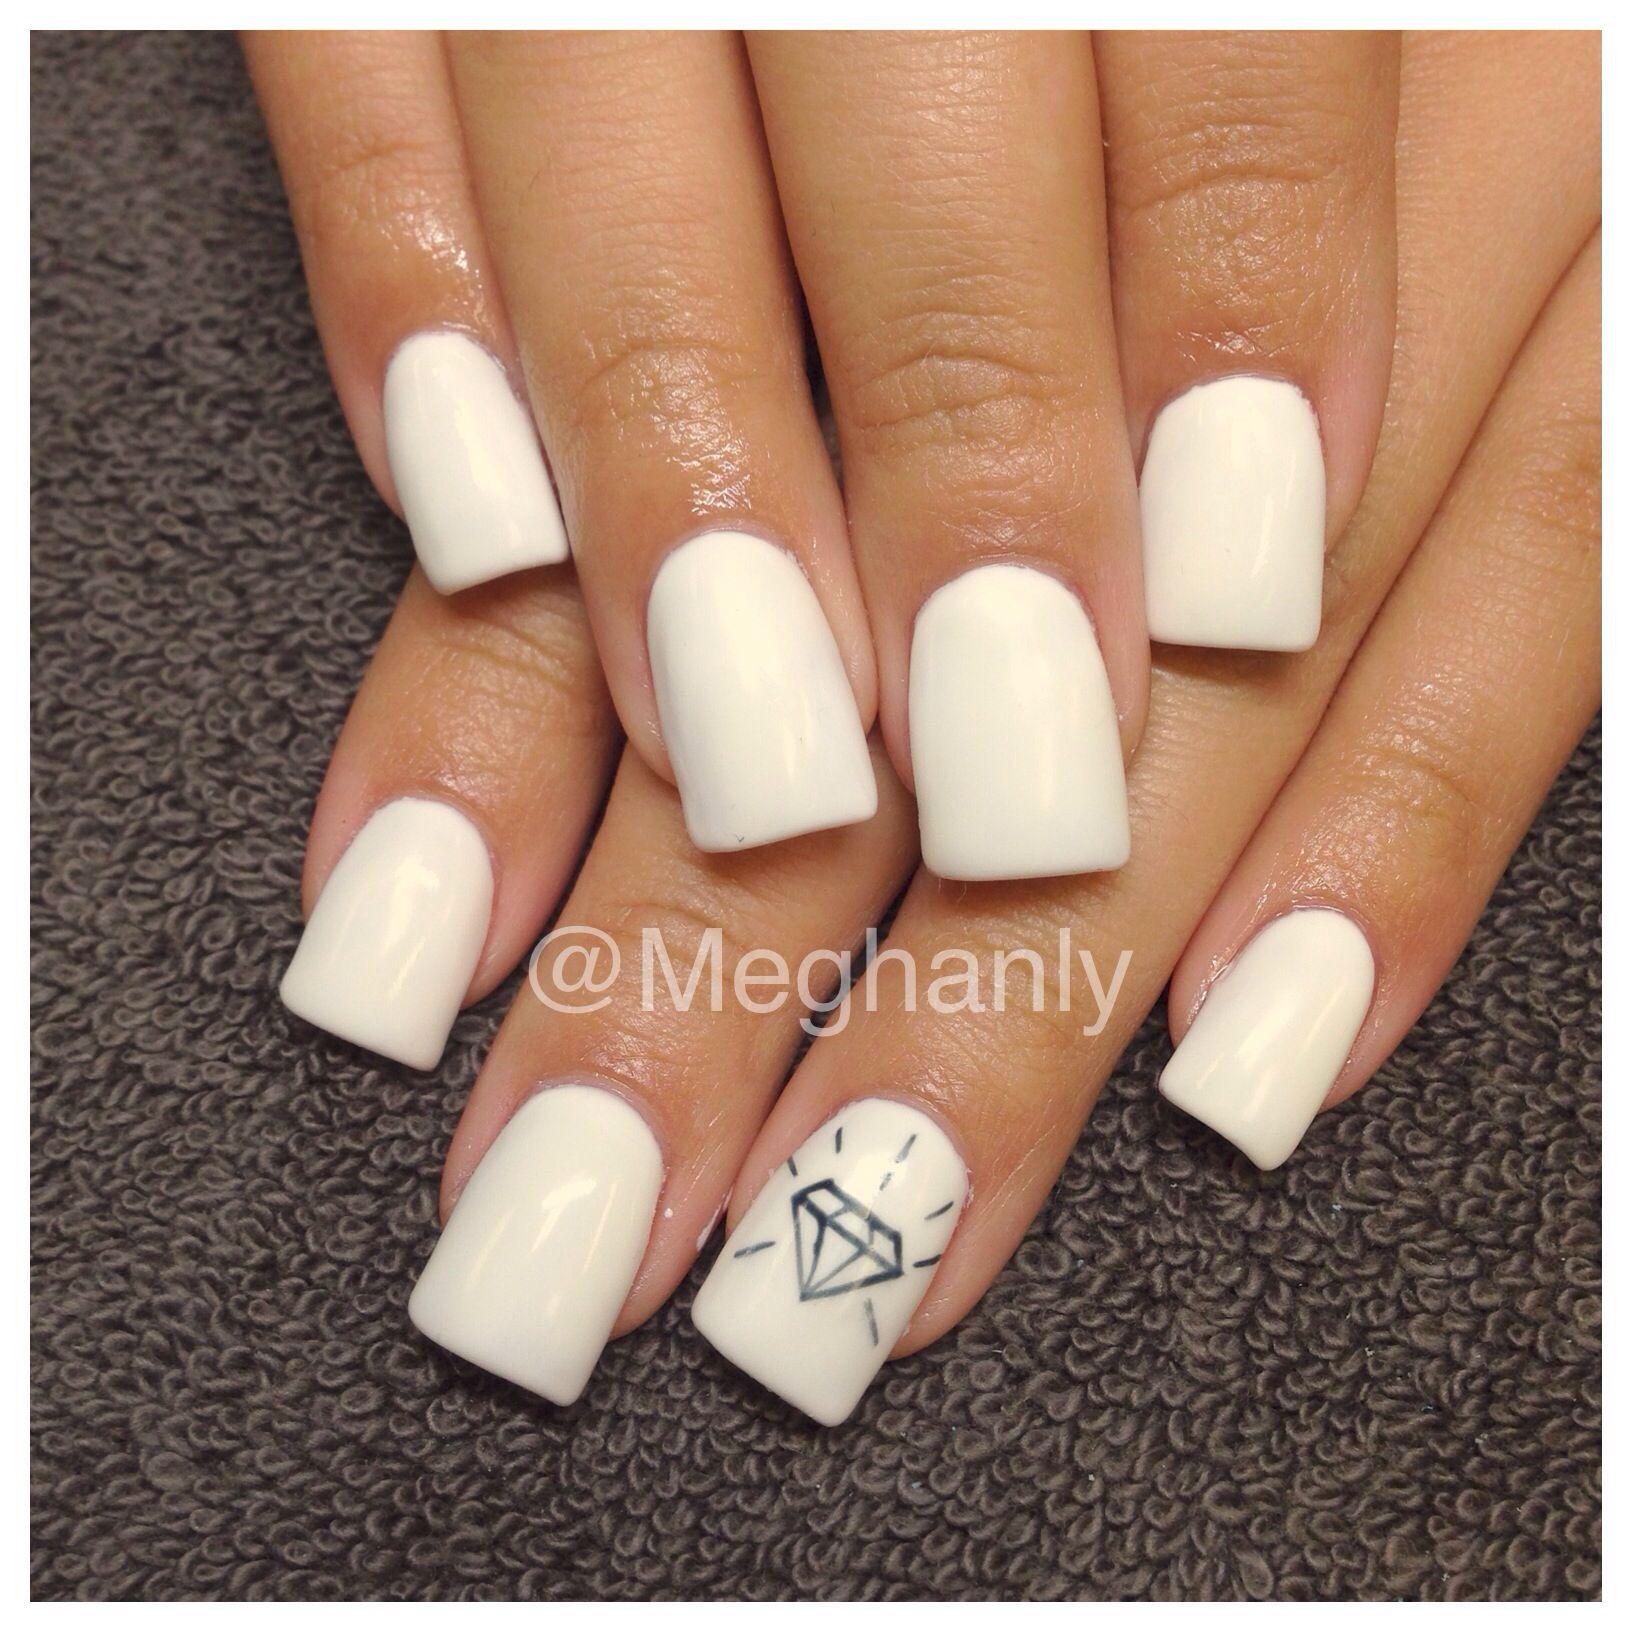 All white nails, diamond nails   Nails I Love!   Pinterest